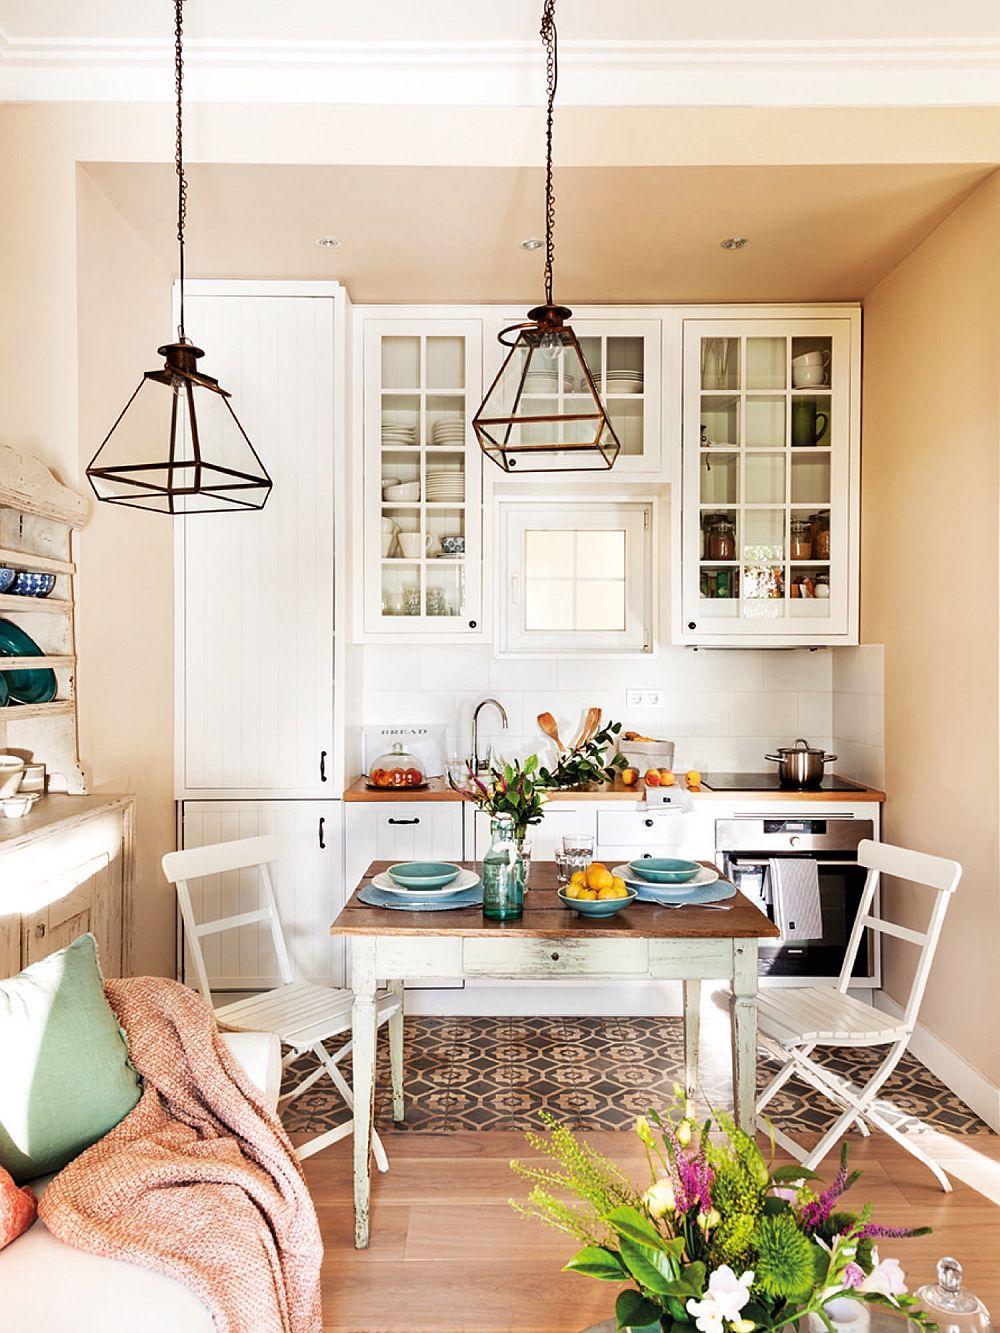 Bucătăria este de mici dimensiuni și ea comunică direct cu livingul. Astfel, chiar dacă nu are fereastră proprie, bucătăria beneficiază de iluminat natural prin intermediul ferestrelor livingului.